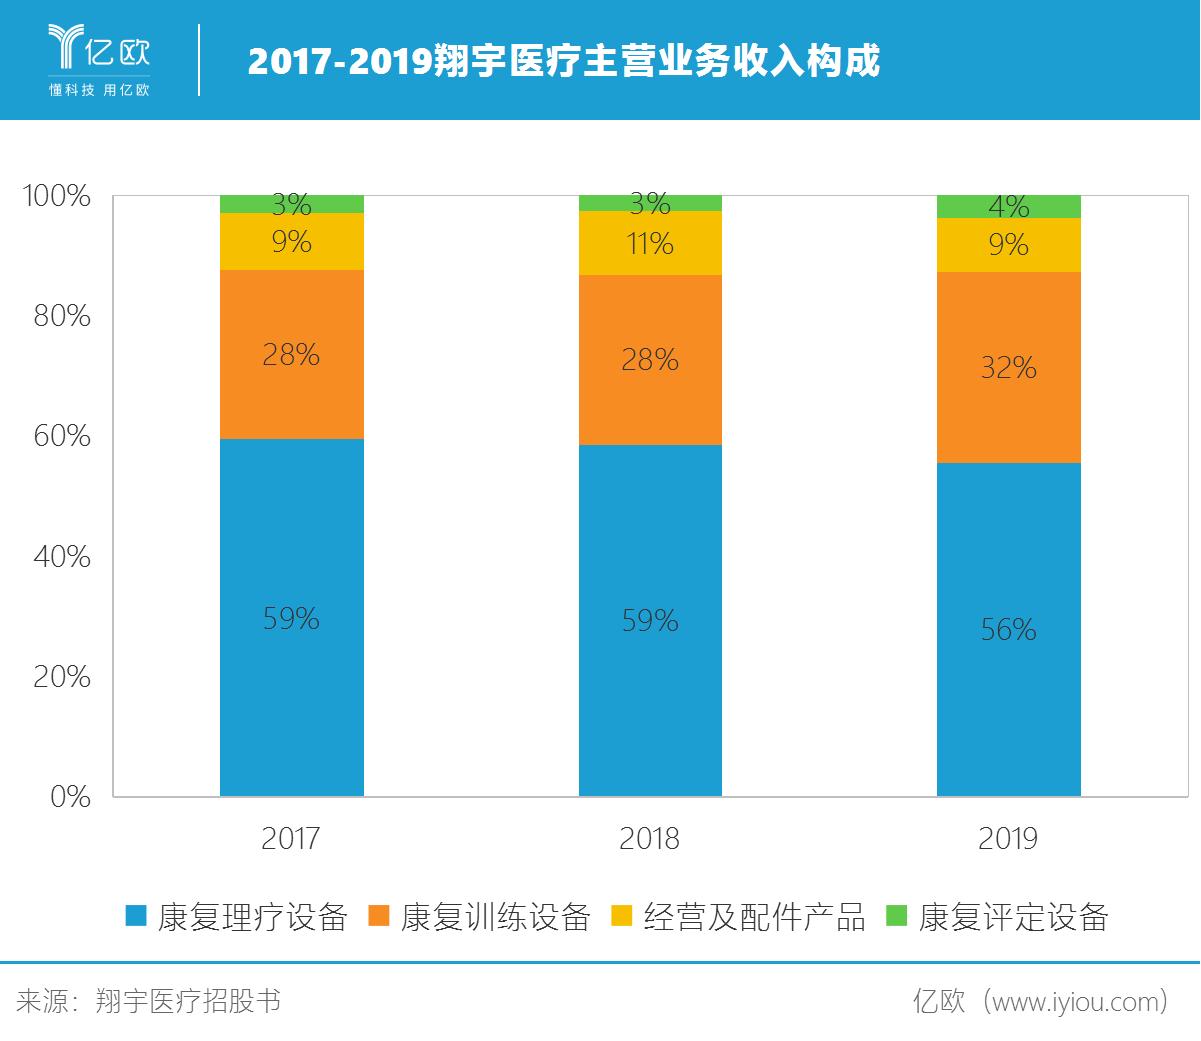 2017-2019翔宇医疗主营业务收入构成.png